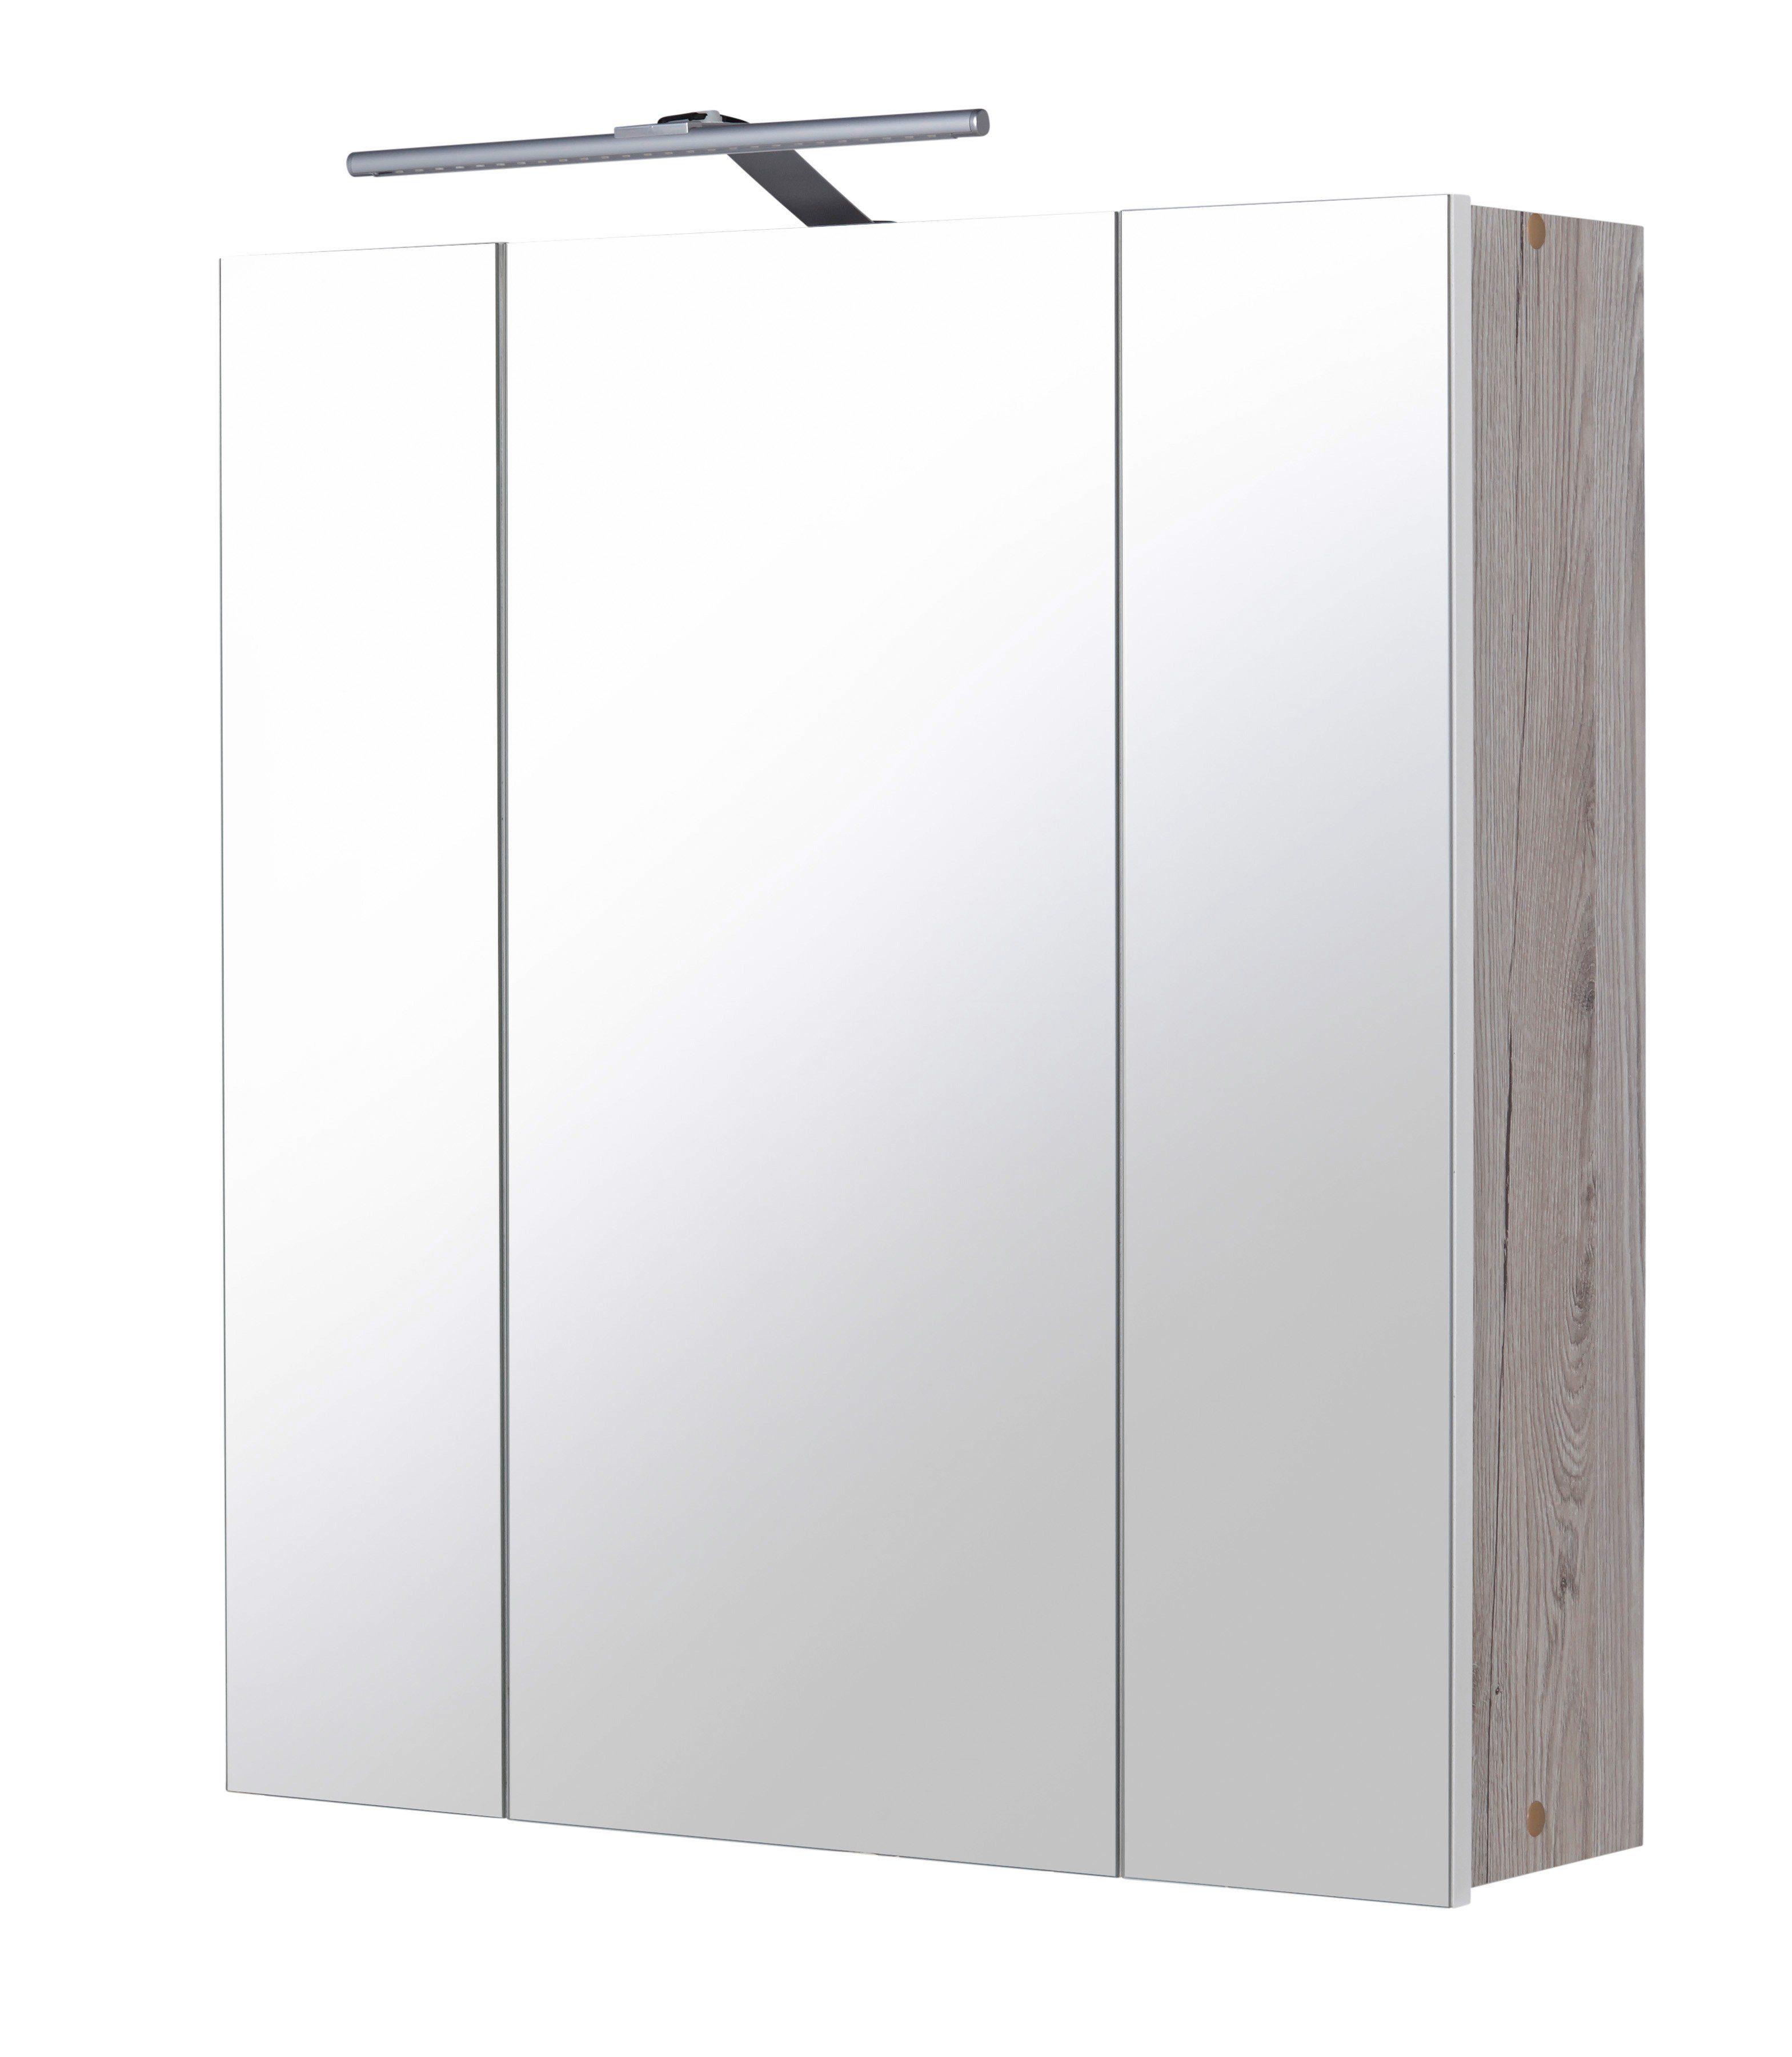 Kesper Spiegelschrank »New York« Breite 60 cm, mit LED-Beleuchtung